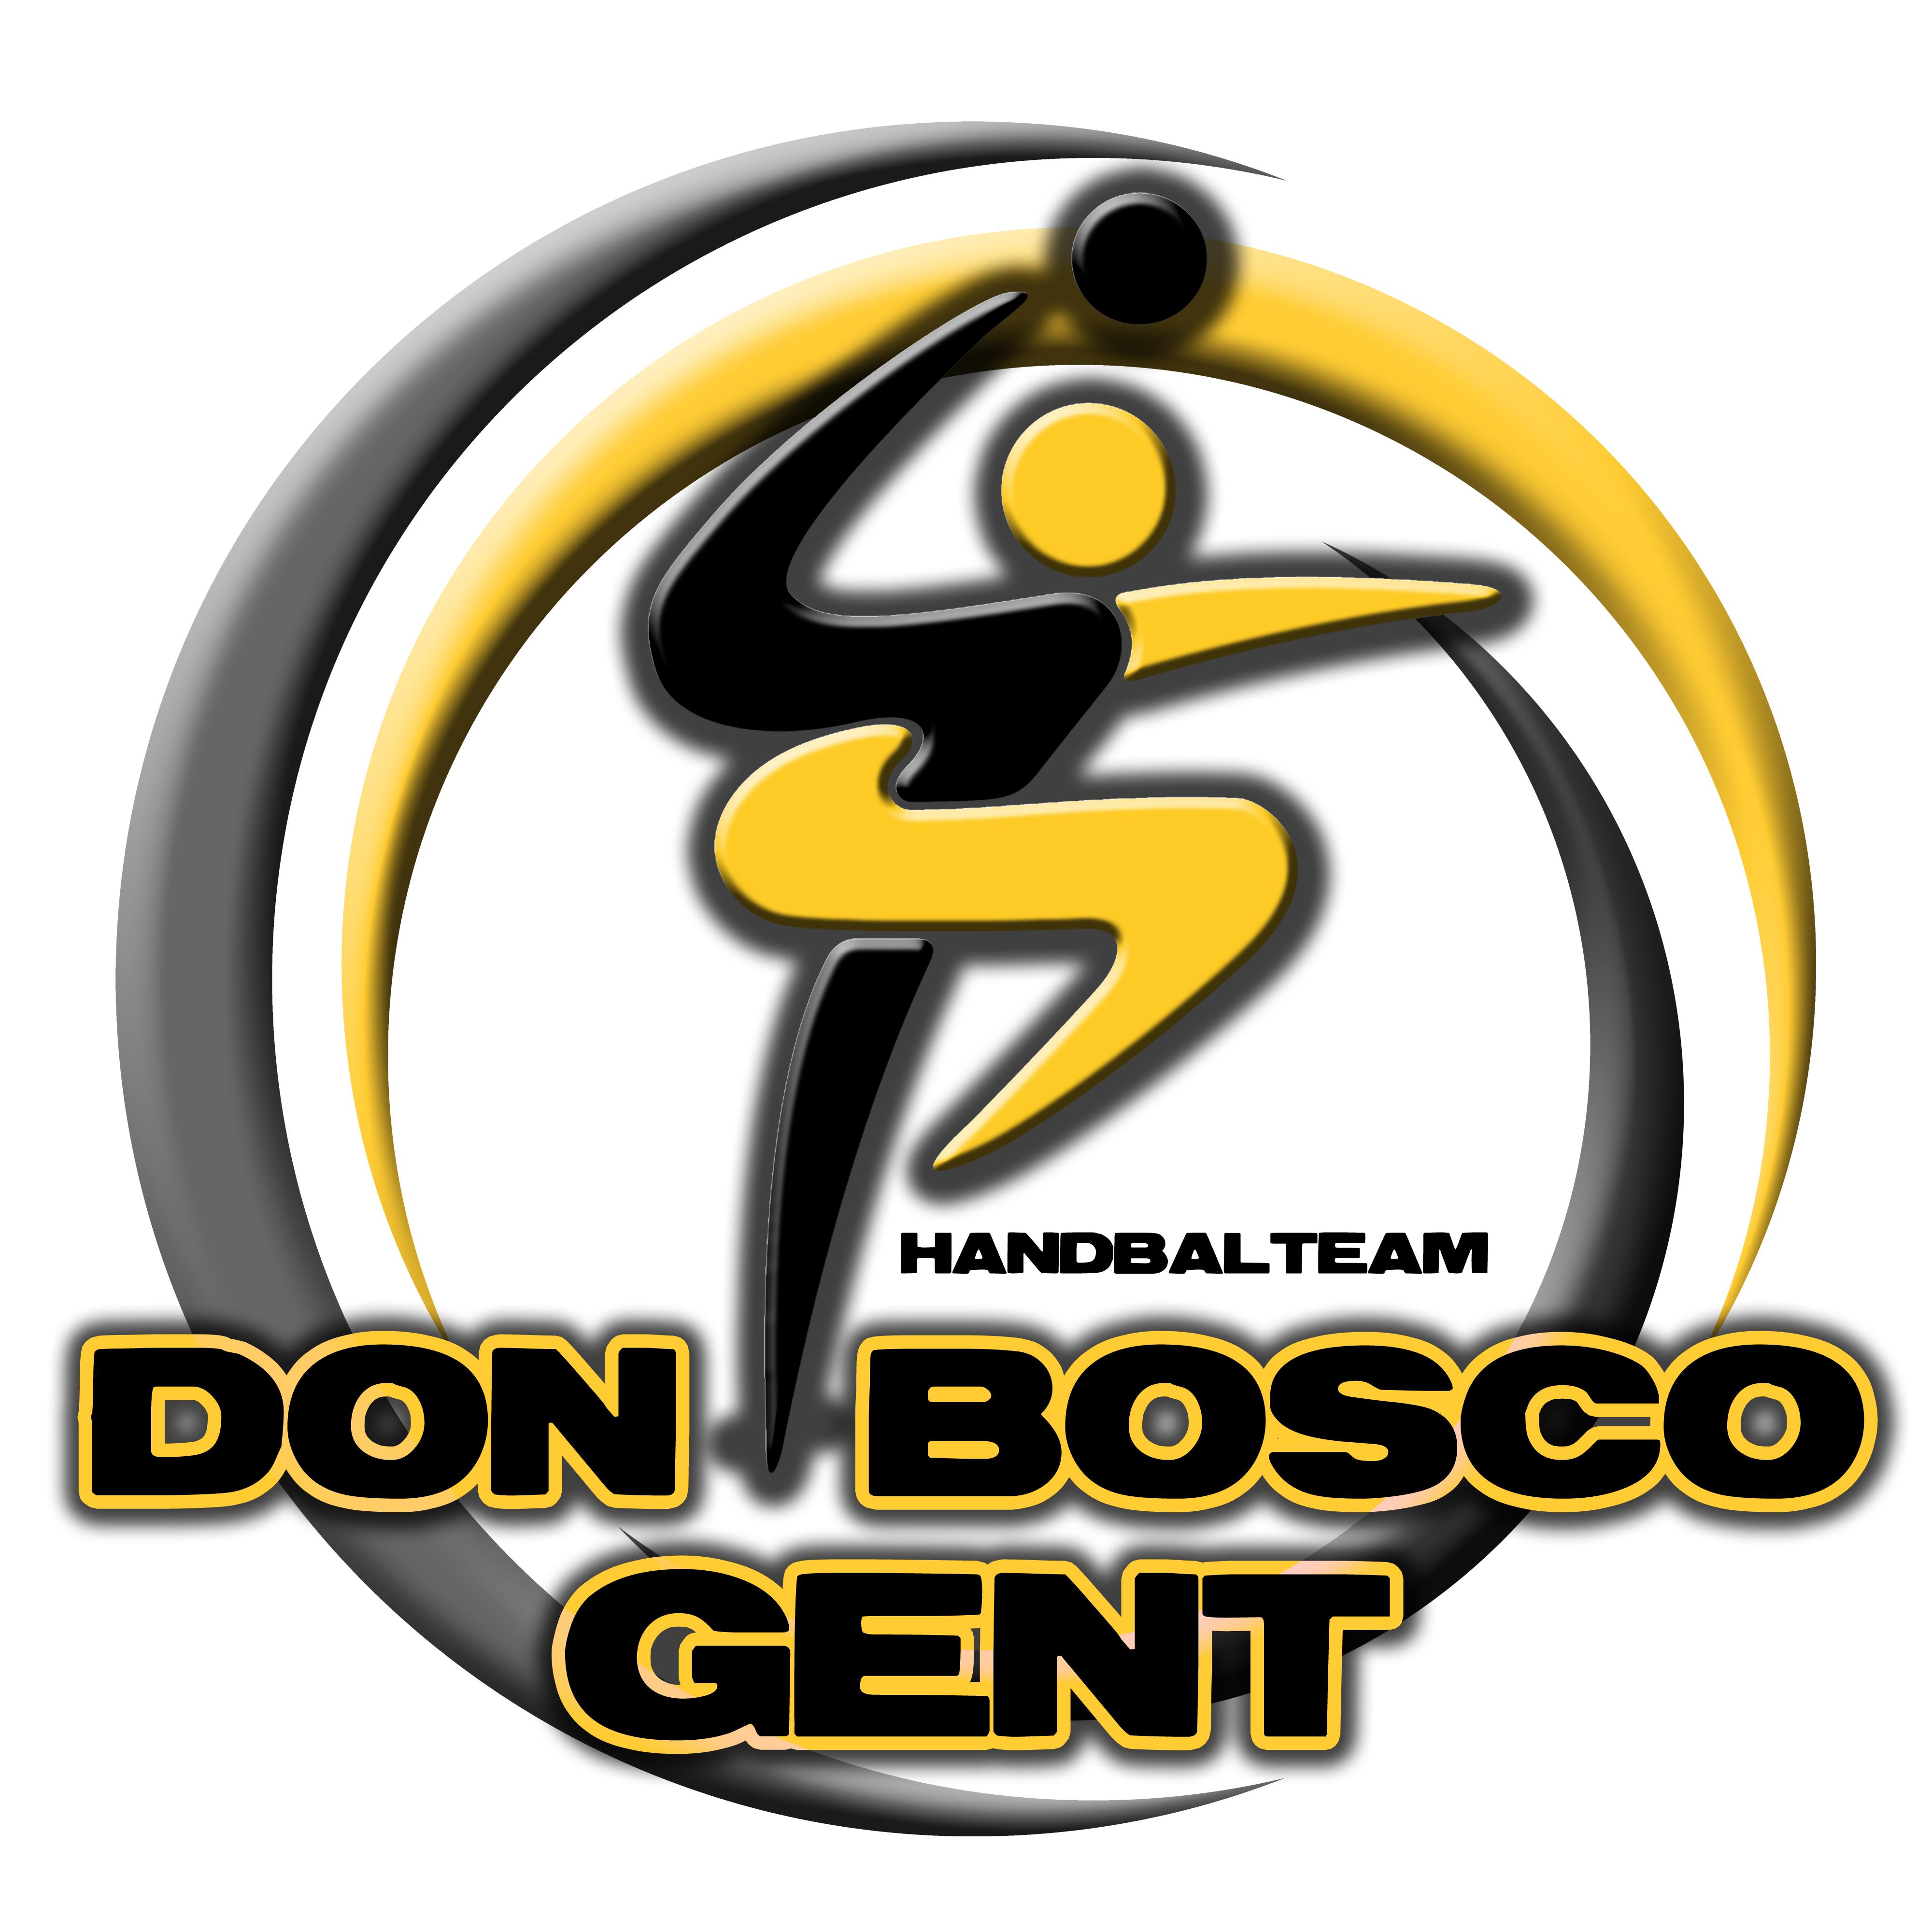 Logo Handbalteam Don Bosco Gent